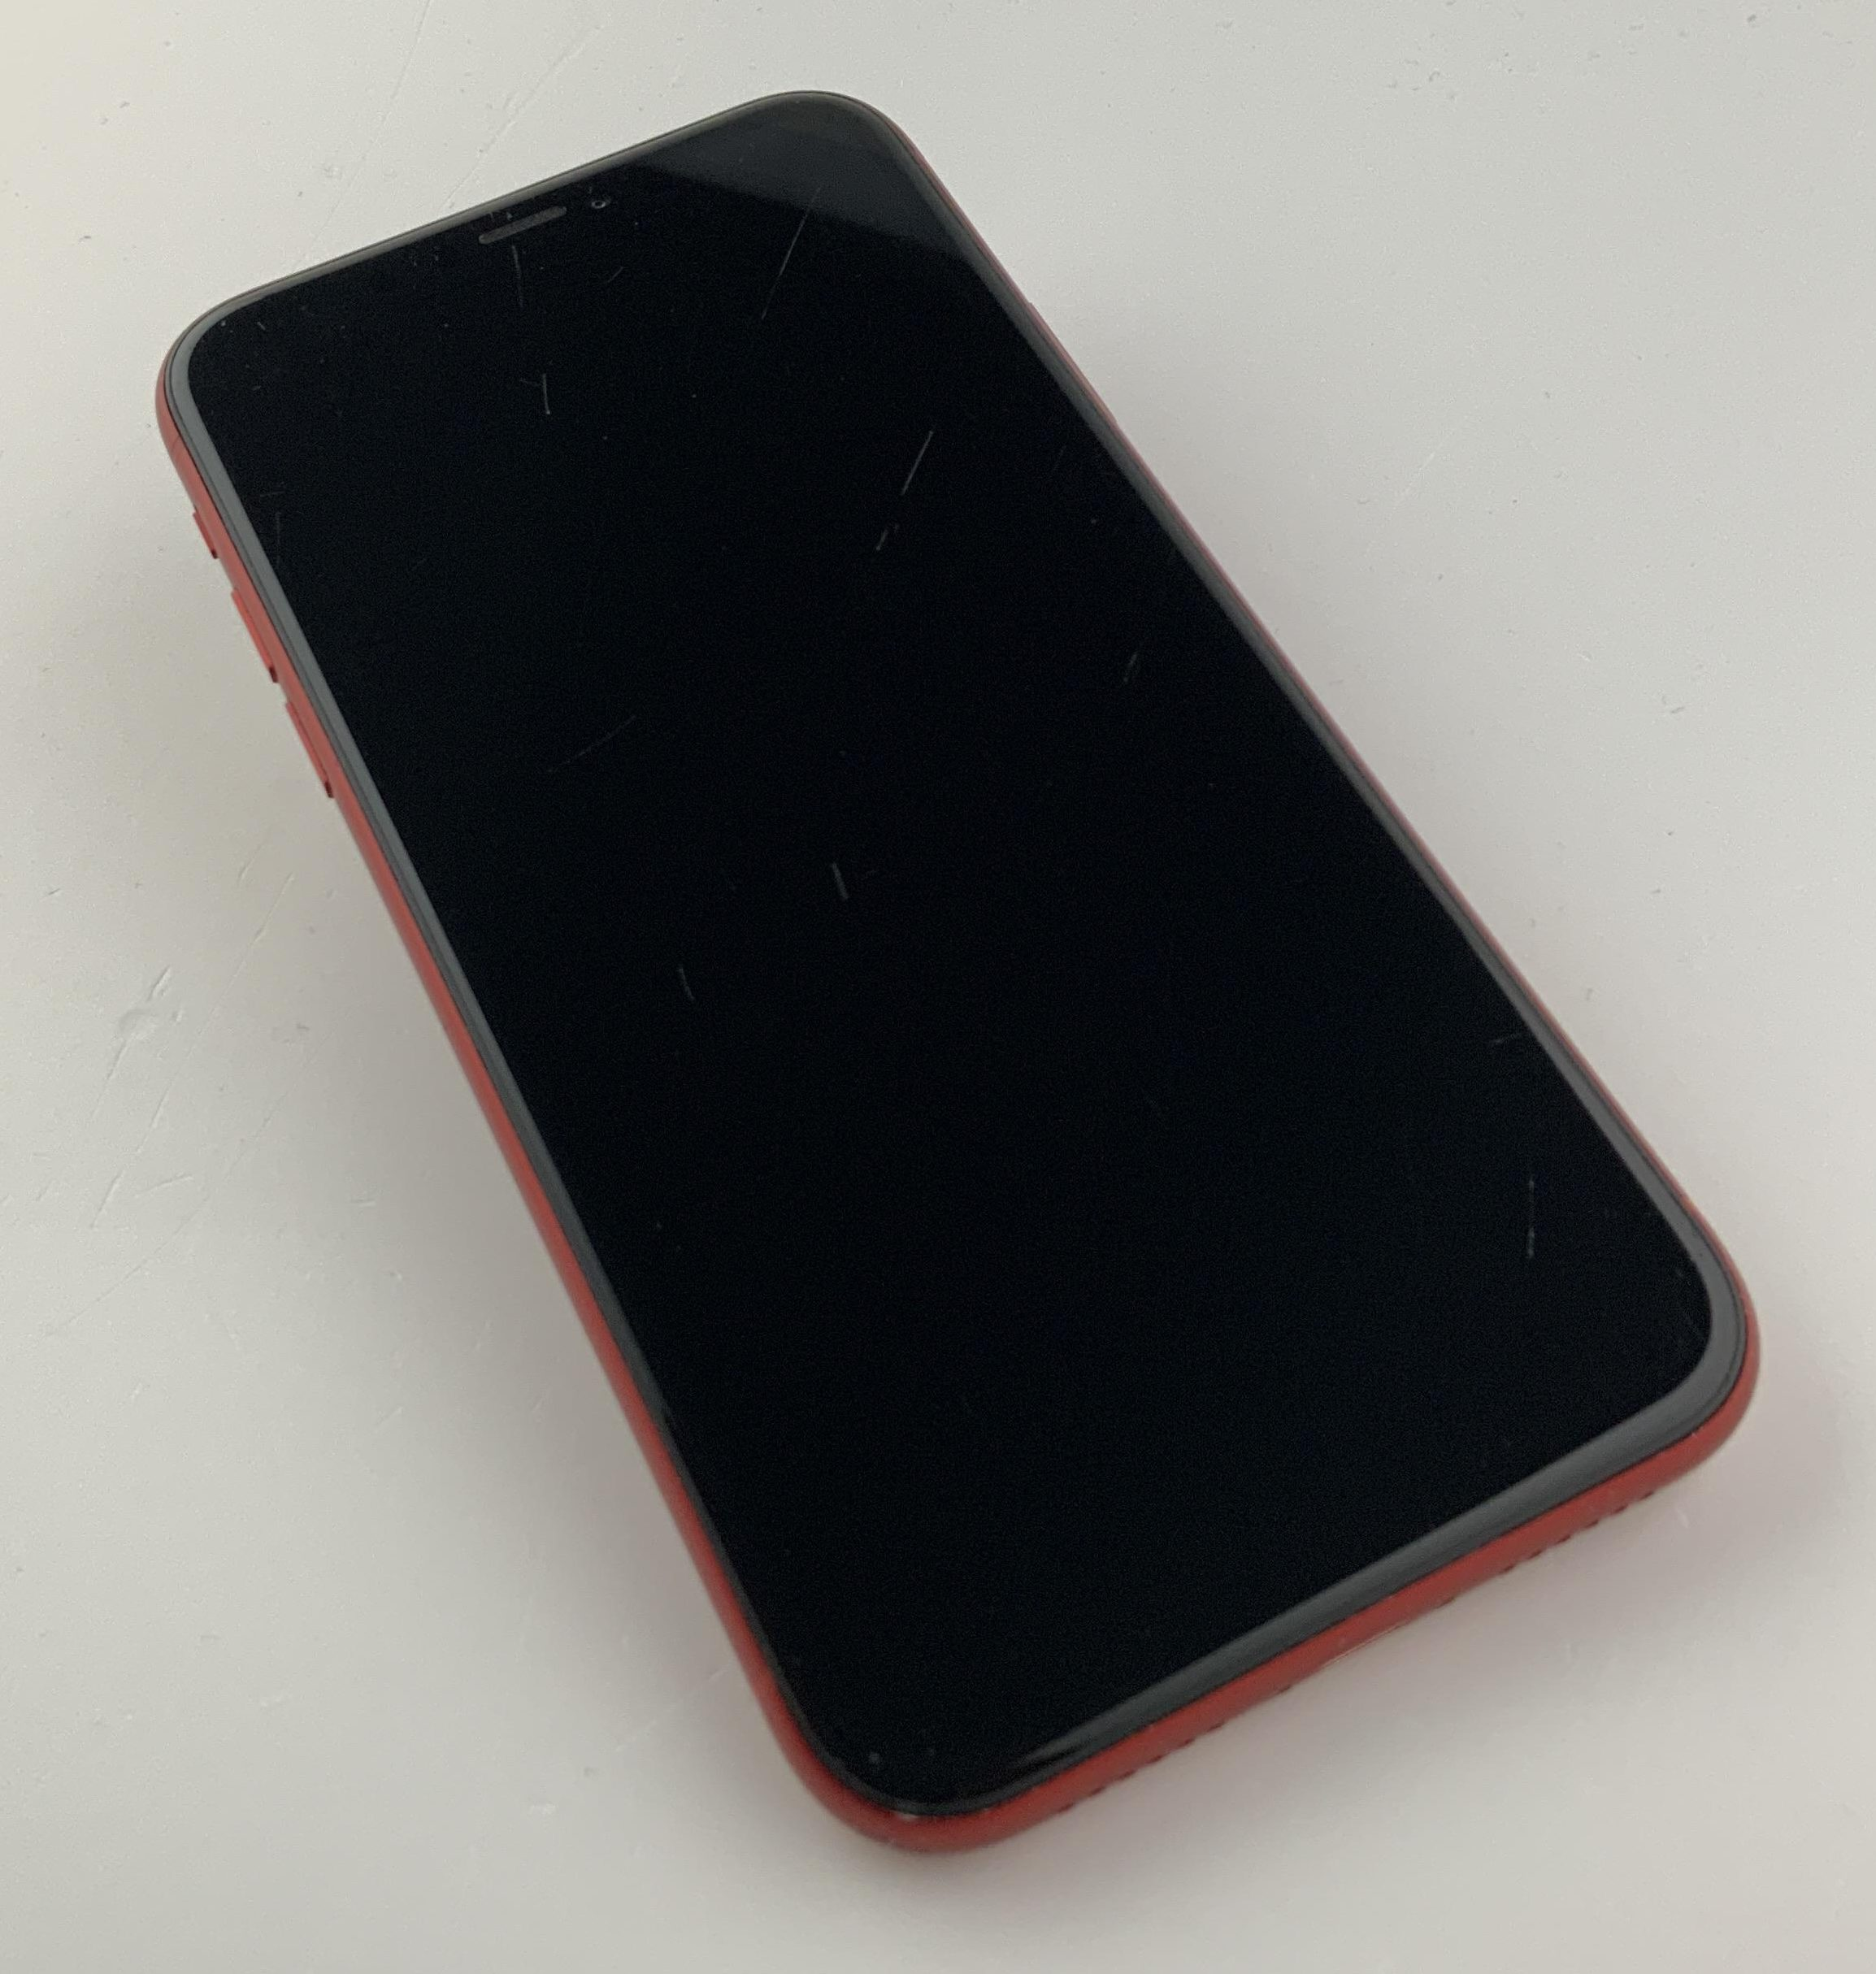 iPhone XR 128GB, 128GB, Red, obraz 5